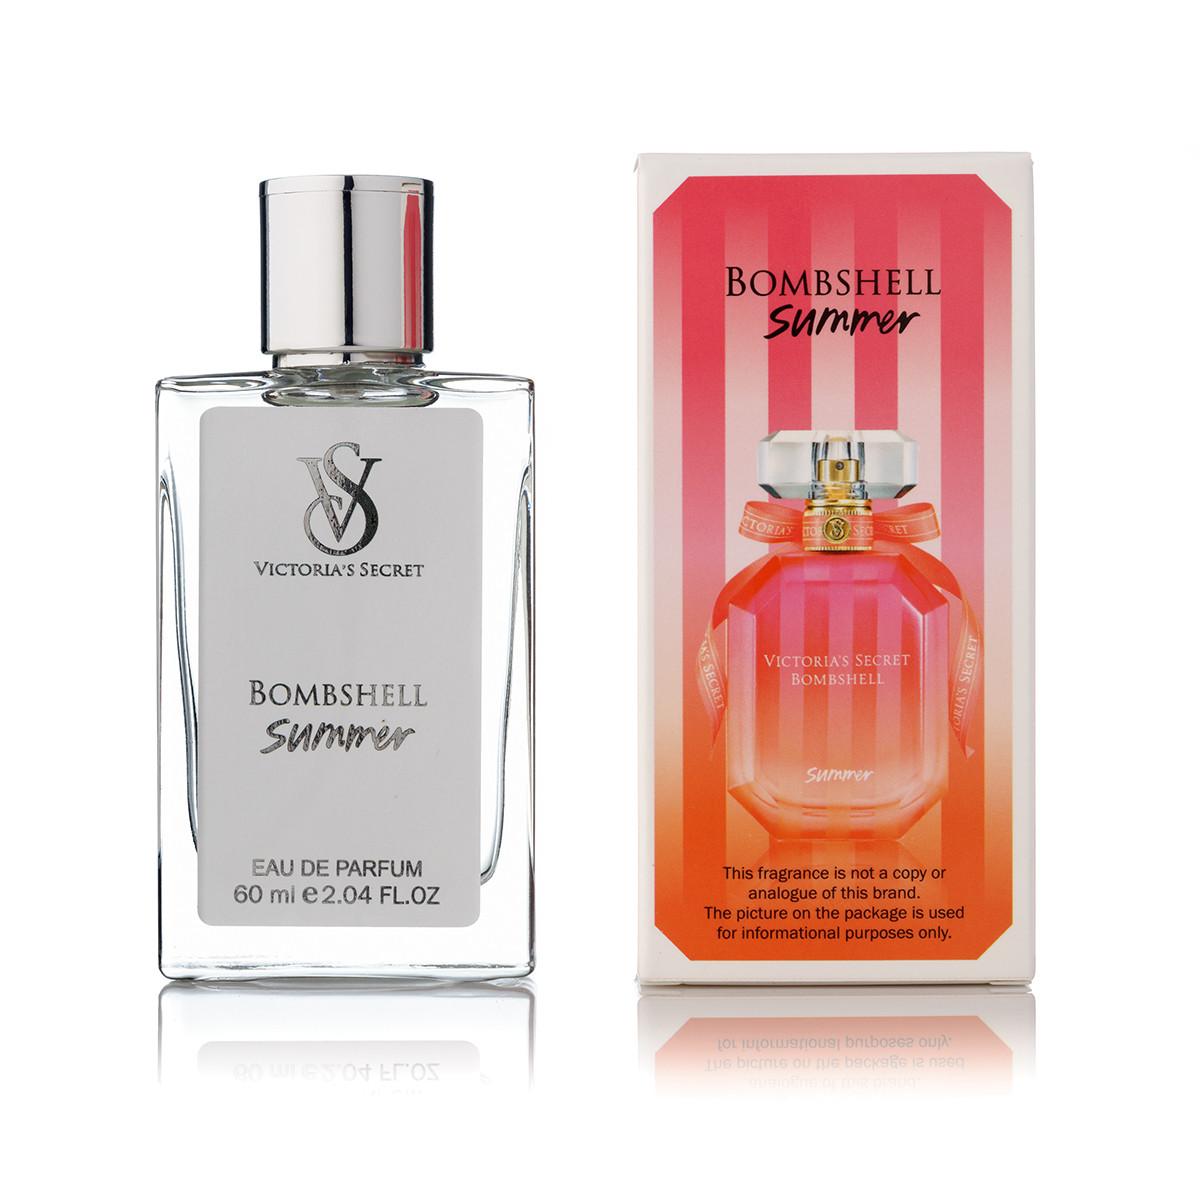 60 мл мини парфюм Victoria's Secret Bombshell Summer - (Ж)